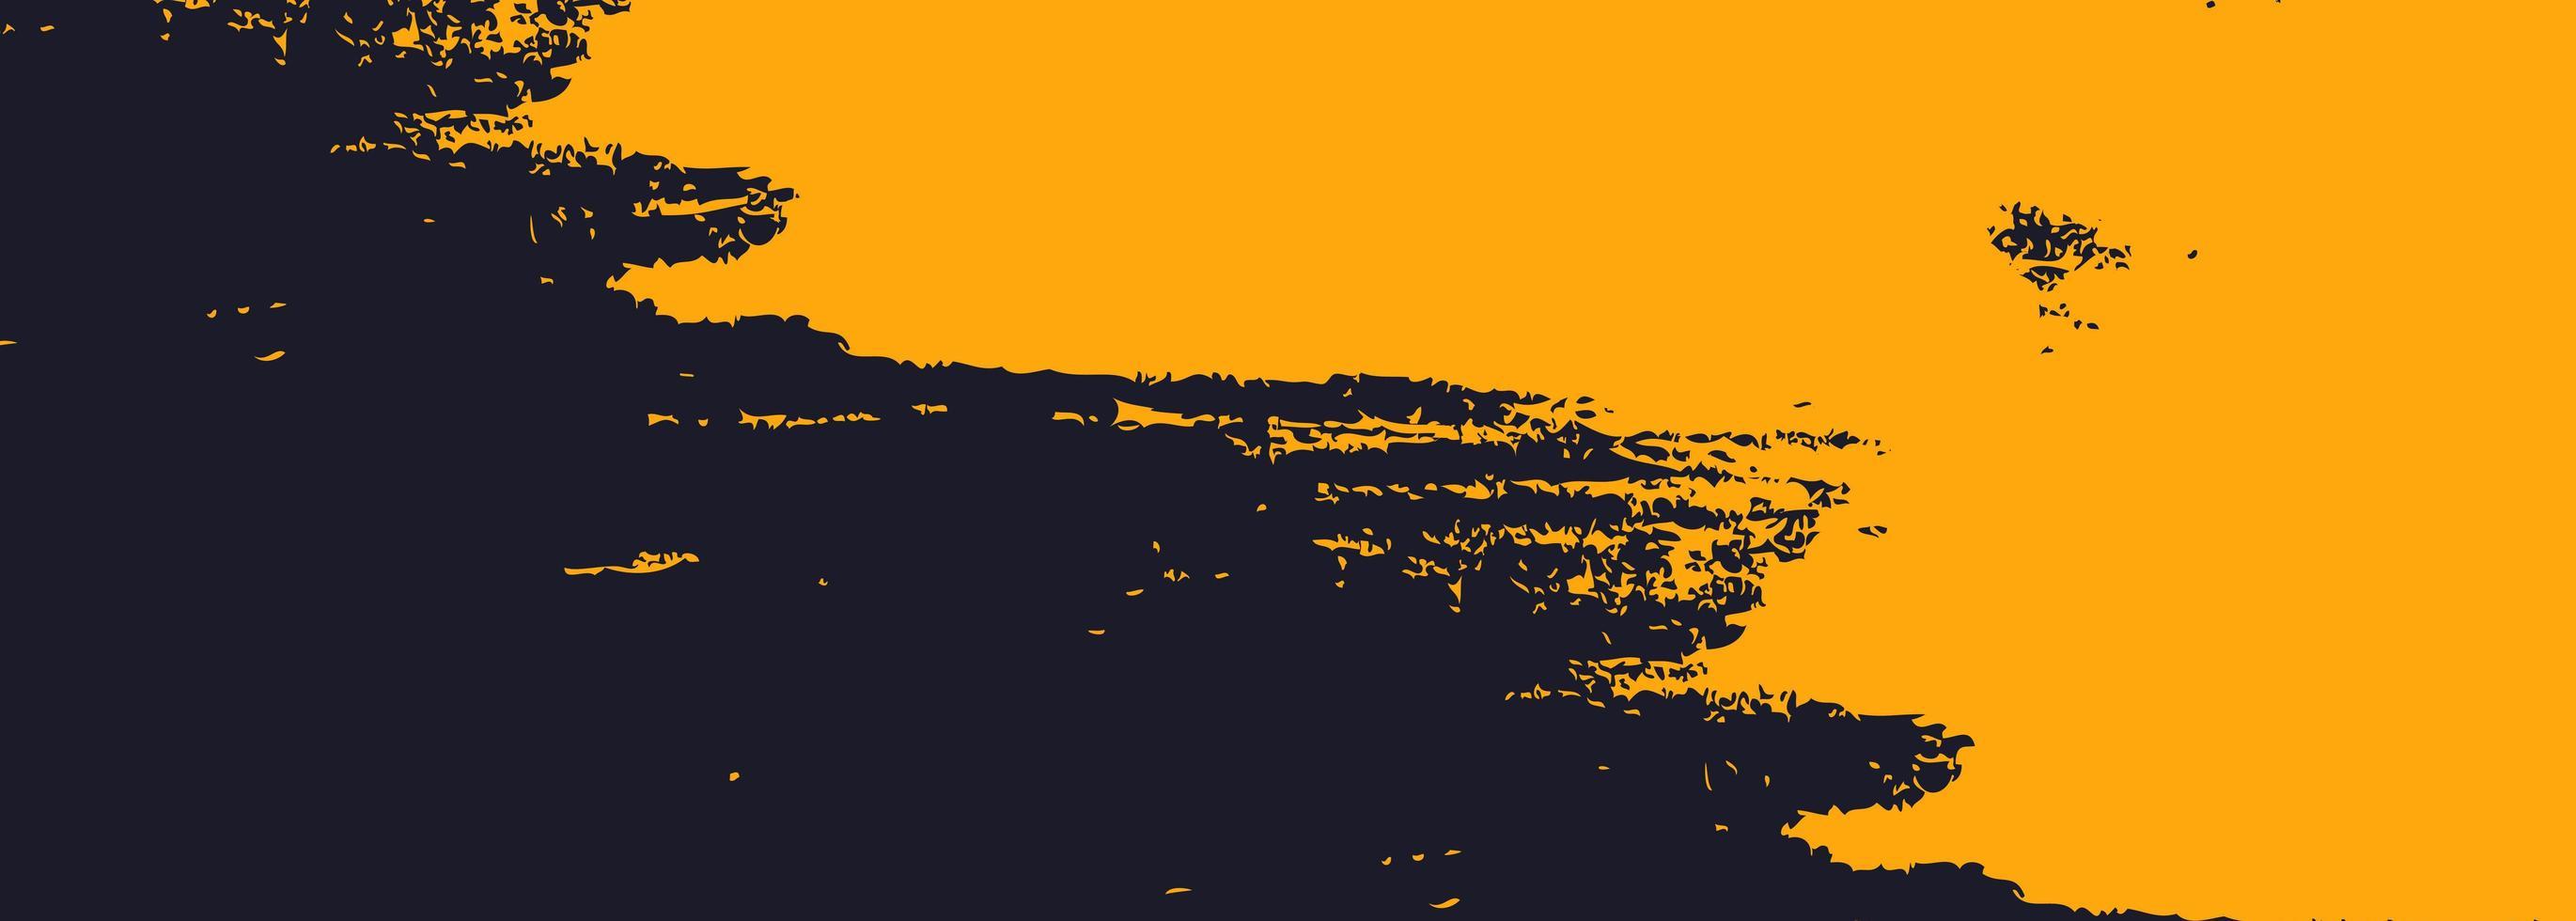 abstract oranje en zwart aquarel banner ontwerp vector